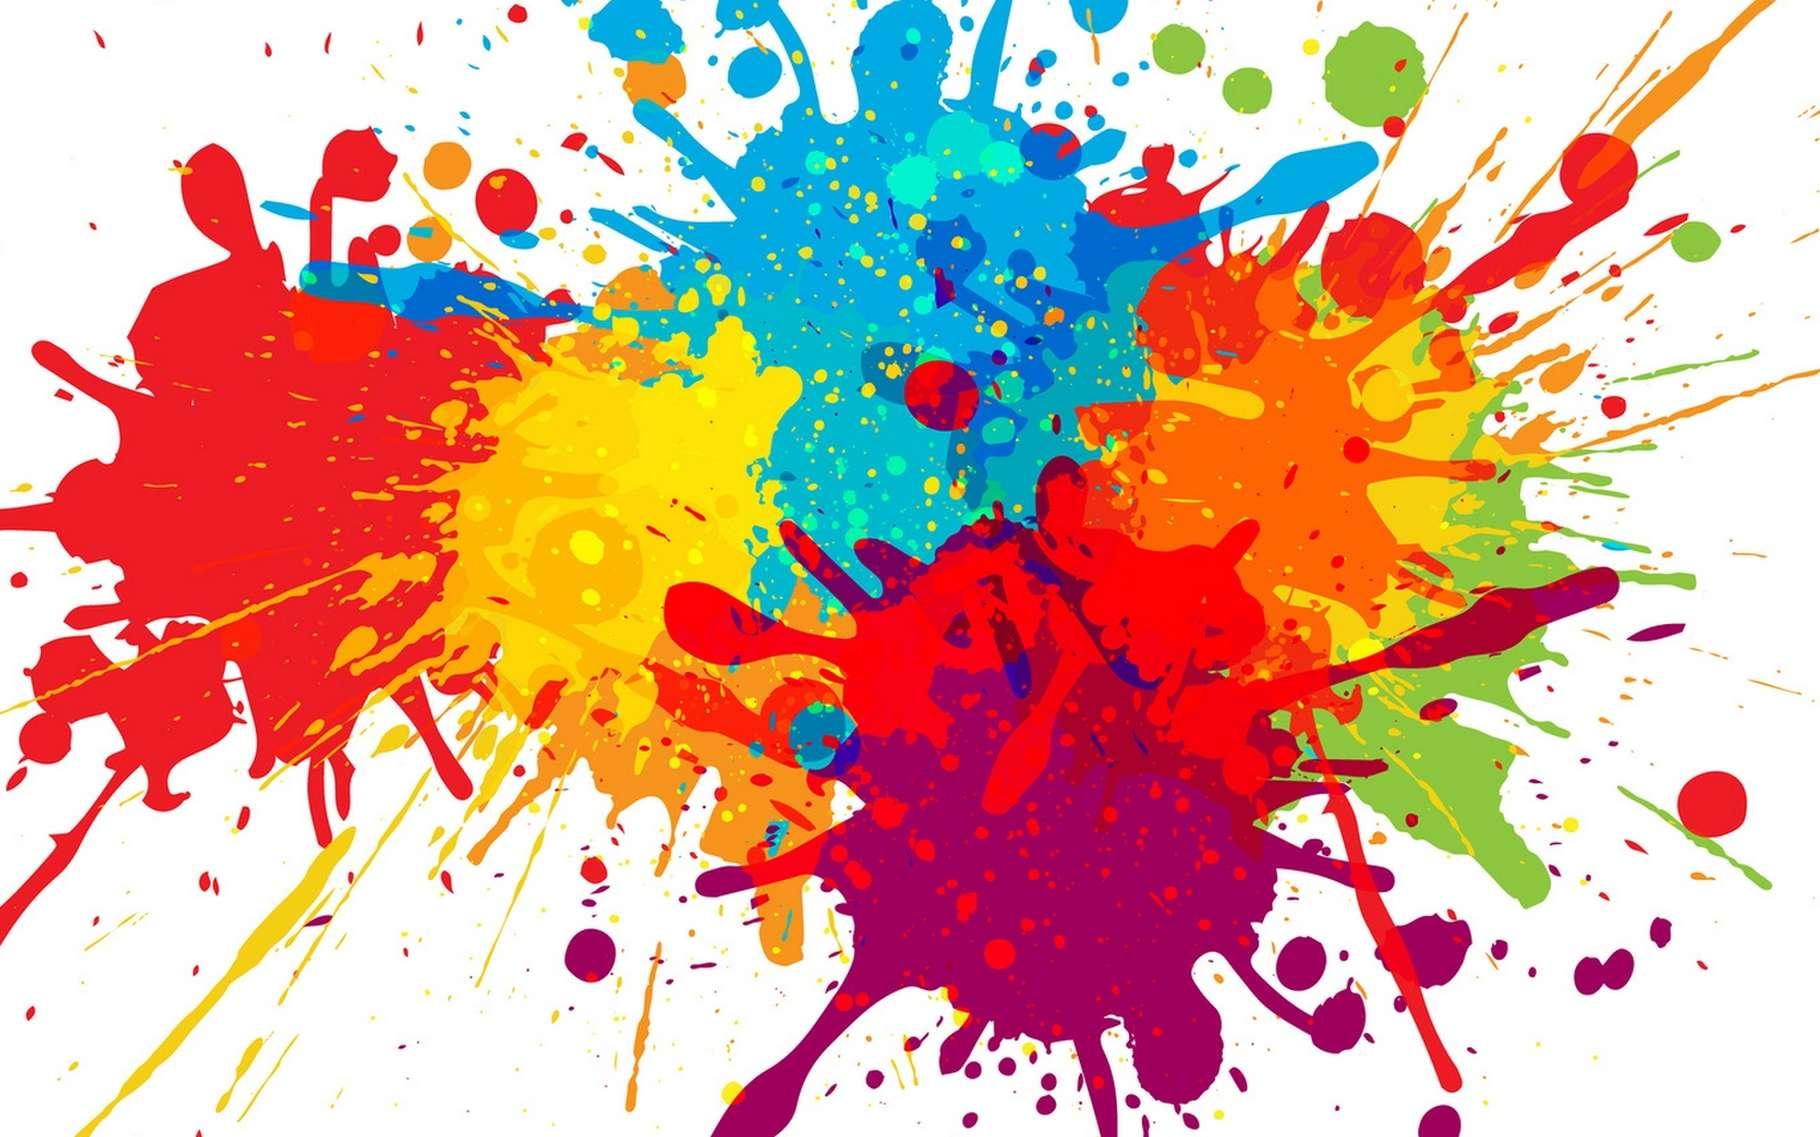 Malgré son interface et ses fonctionnalités rudimentaires, Paint ne va pas disparaître assure Microsoft. © mrspopman, Fotolia